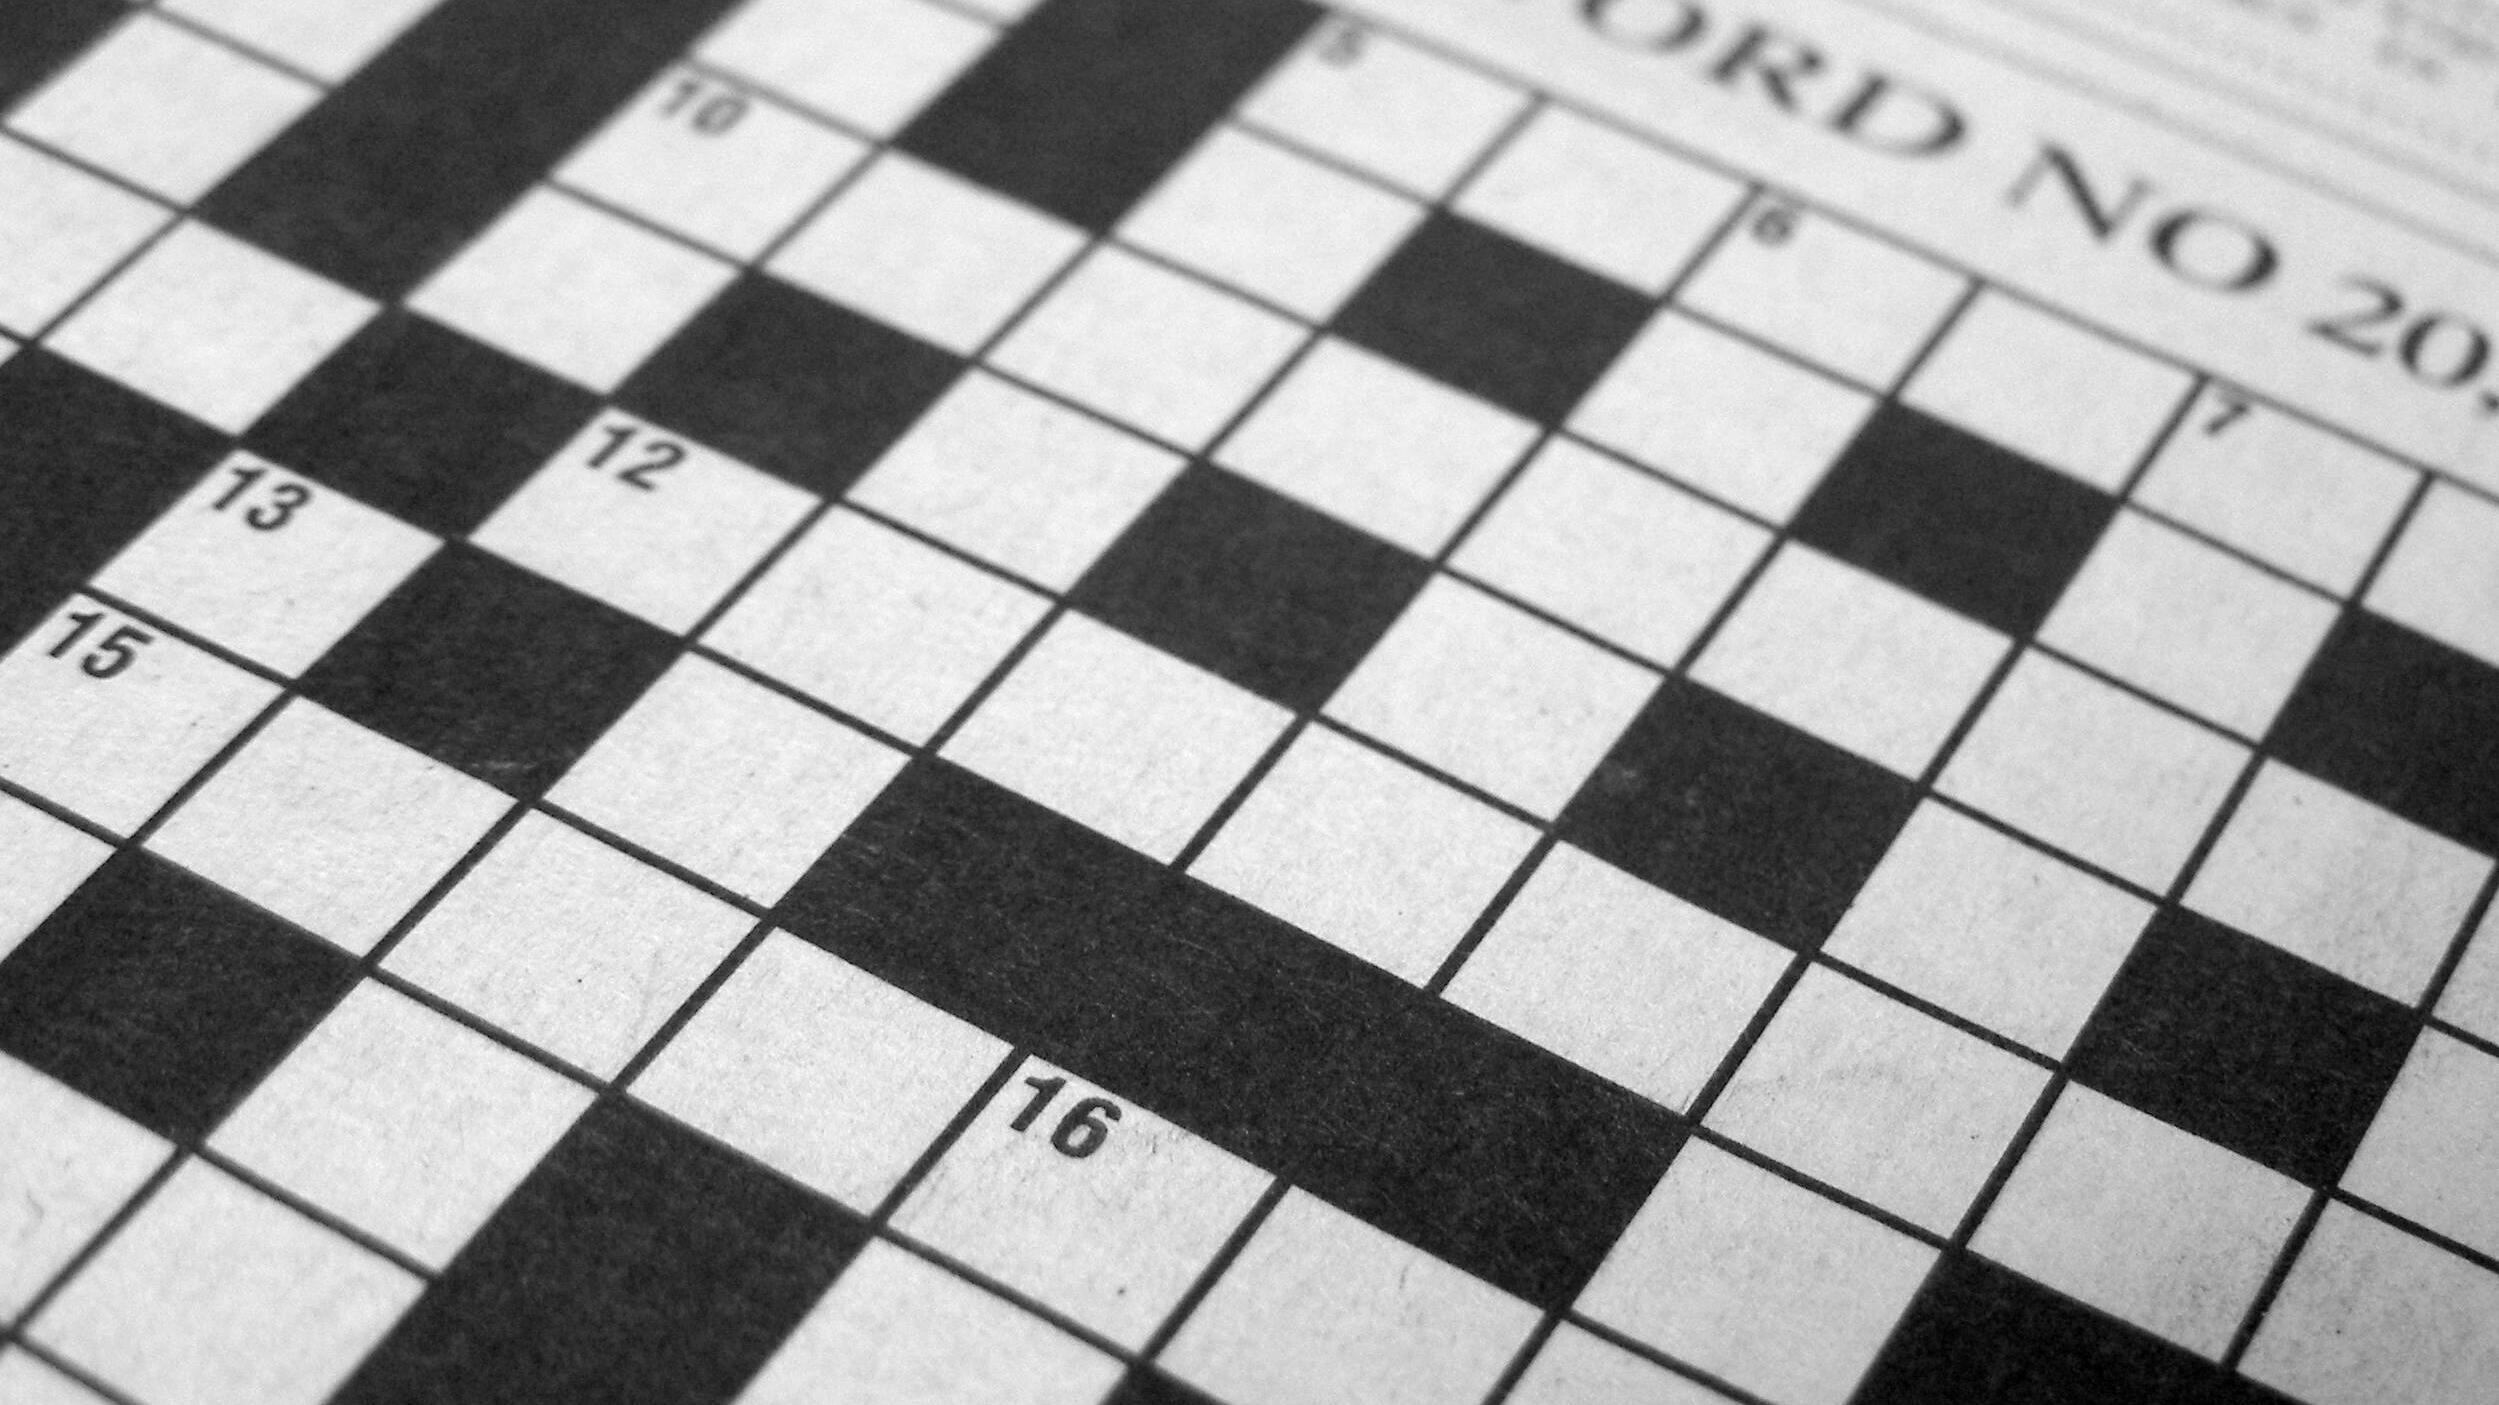 Nach den Geliebten von Zeus wird in Kreuzworträtseln häufig gefragt, Antworten darauf gibt es mehrere.